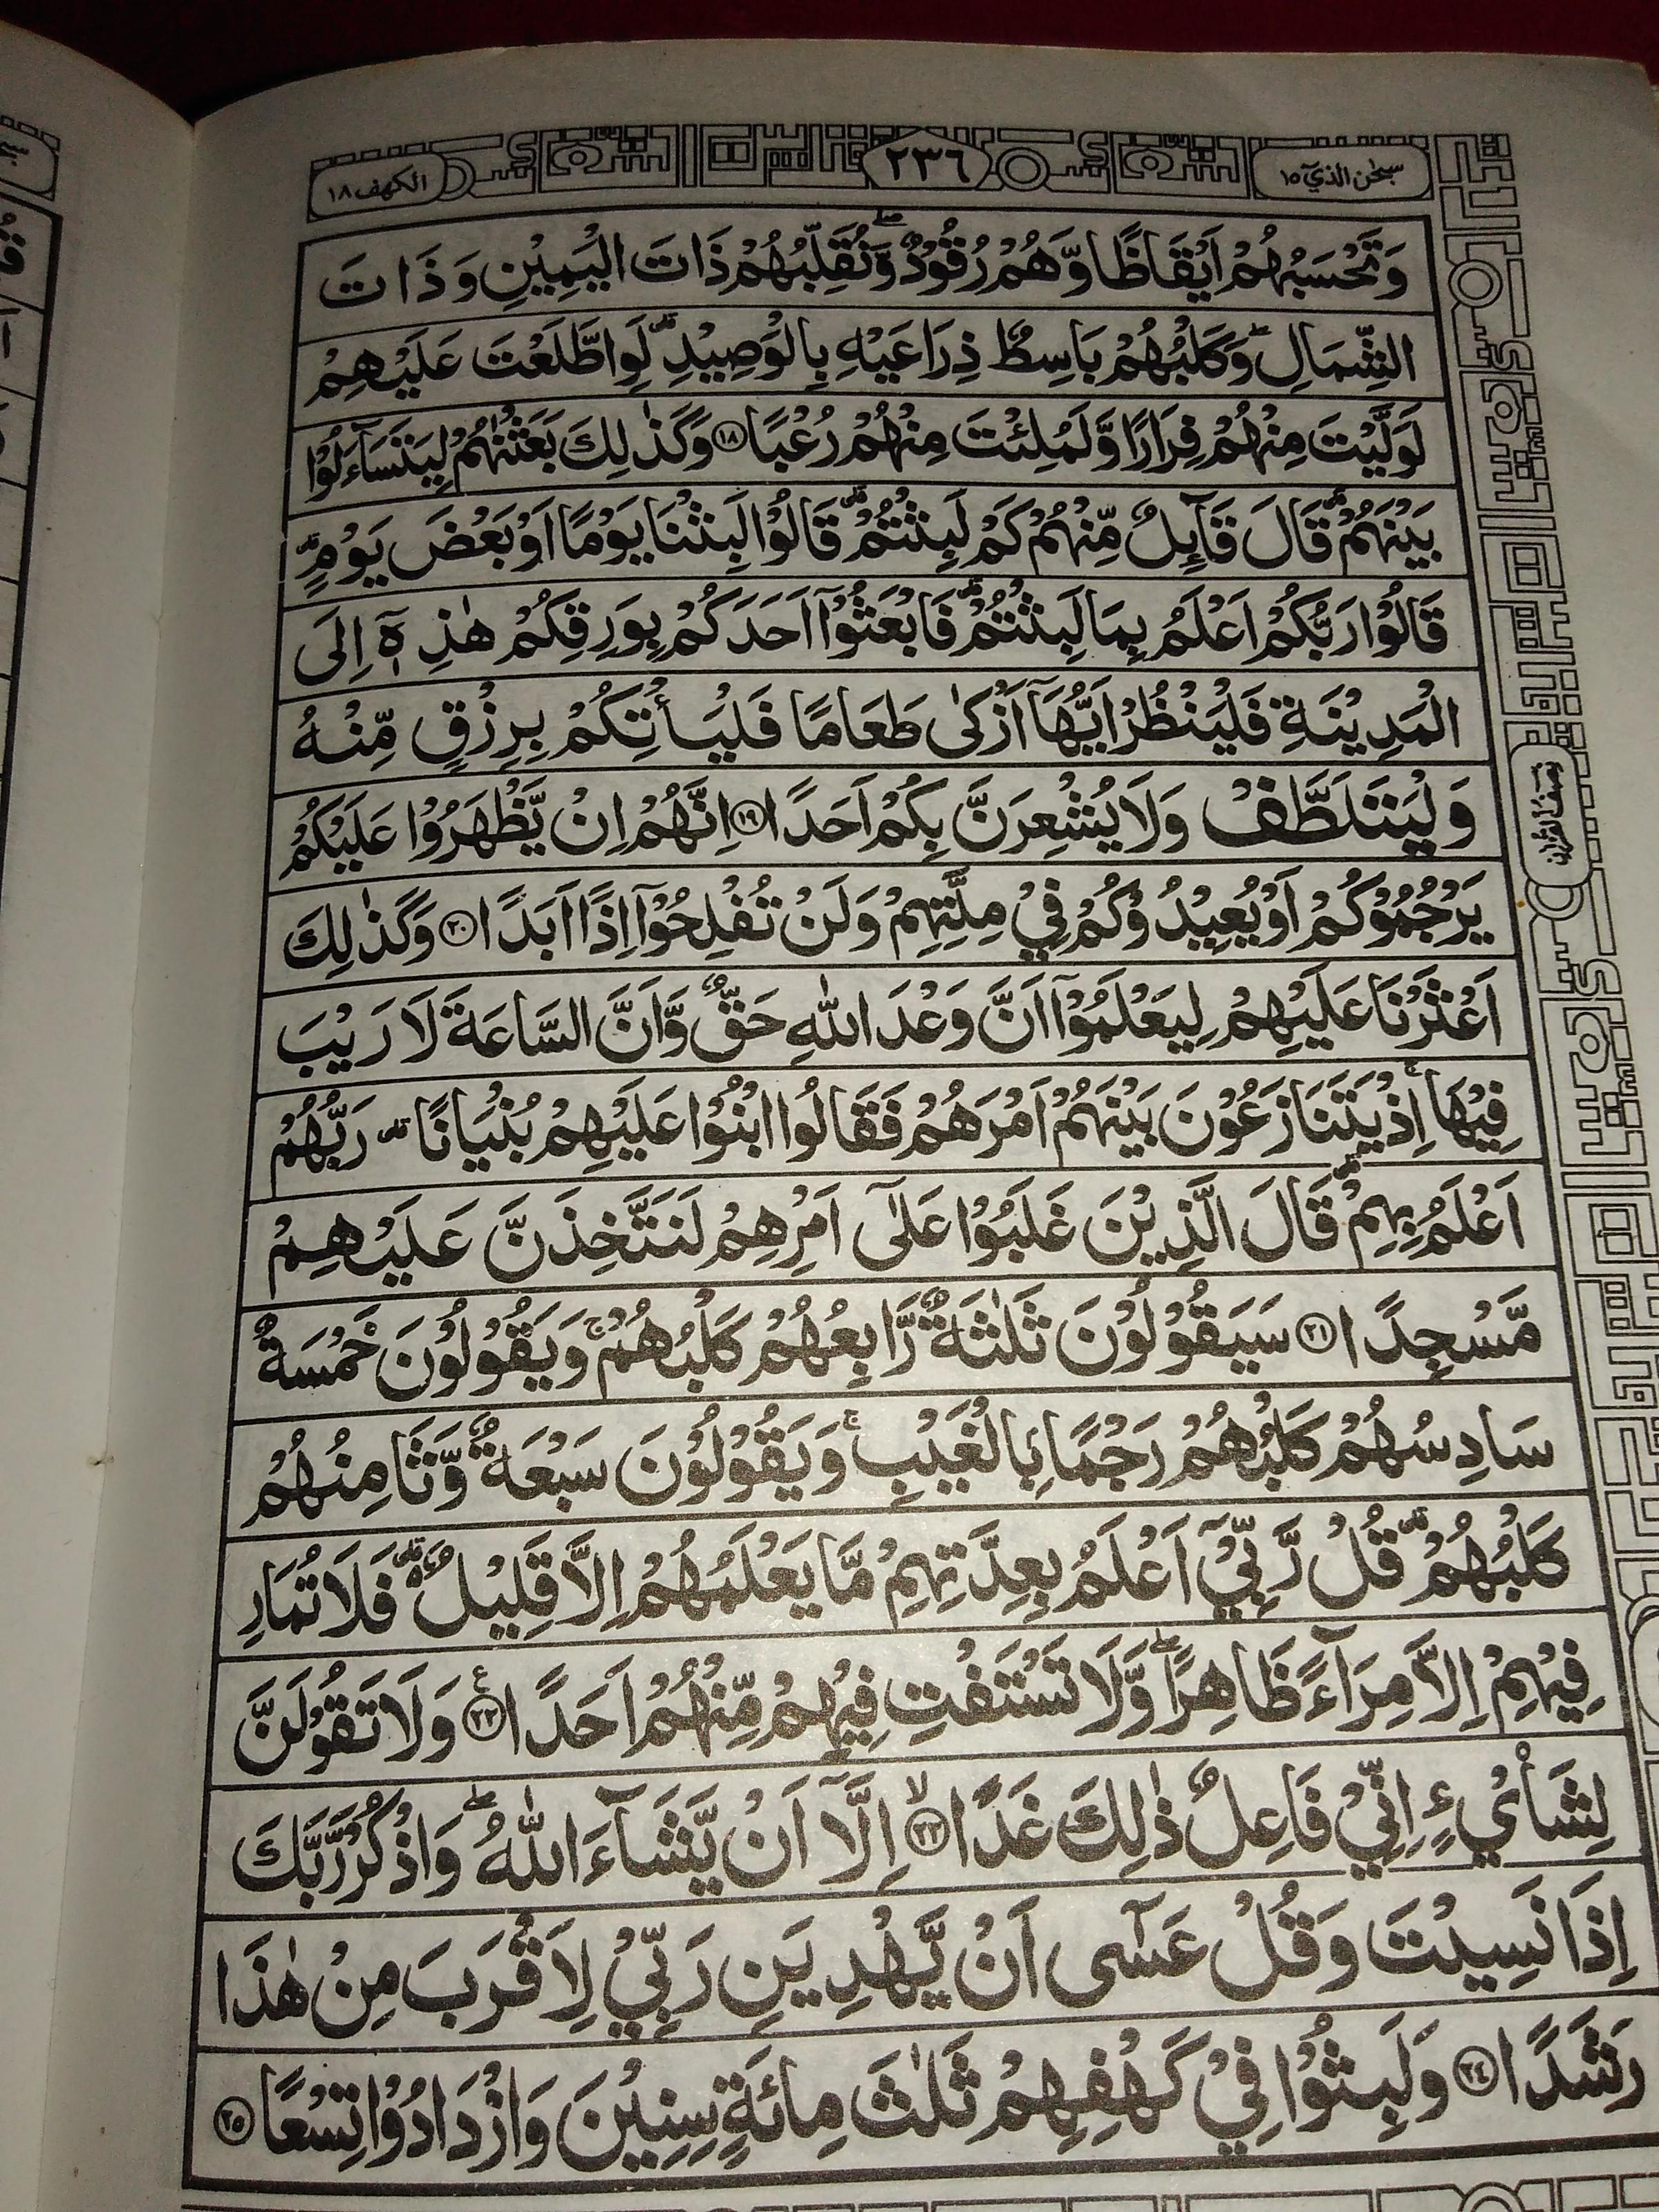 Surat Alkahfi Ayat 23 25 Dan Tajwidnya Brainlycoid